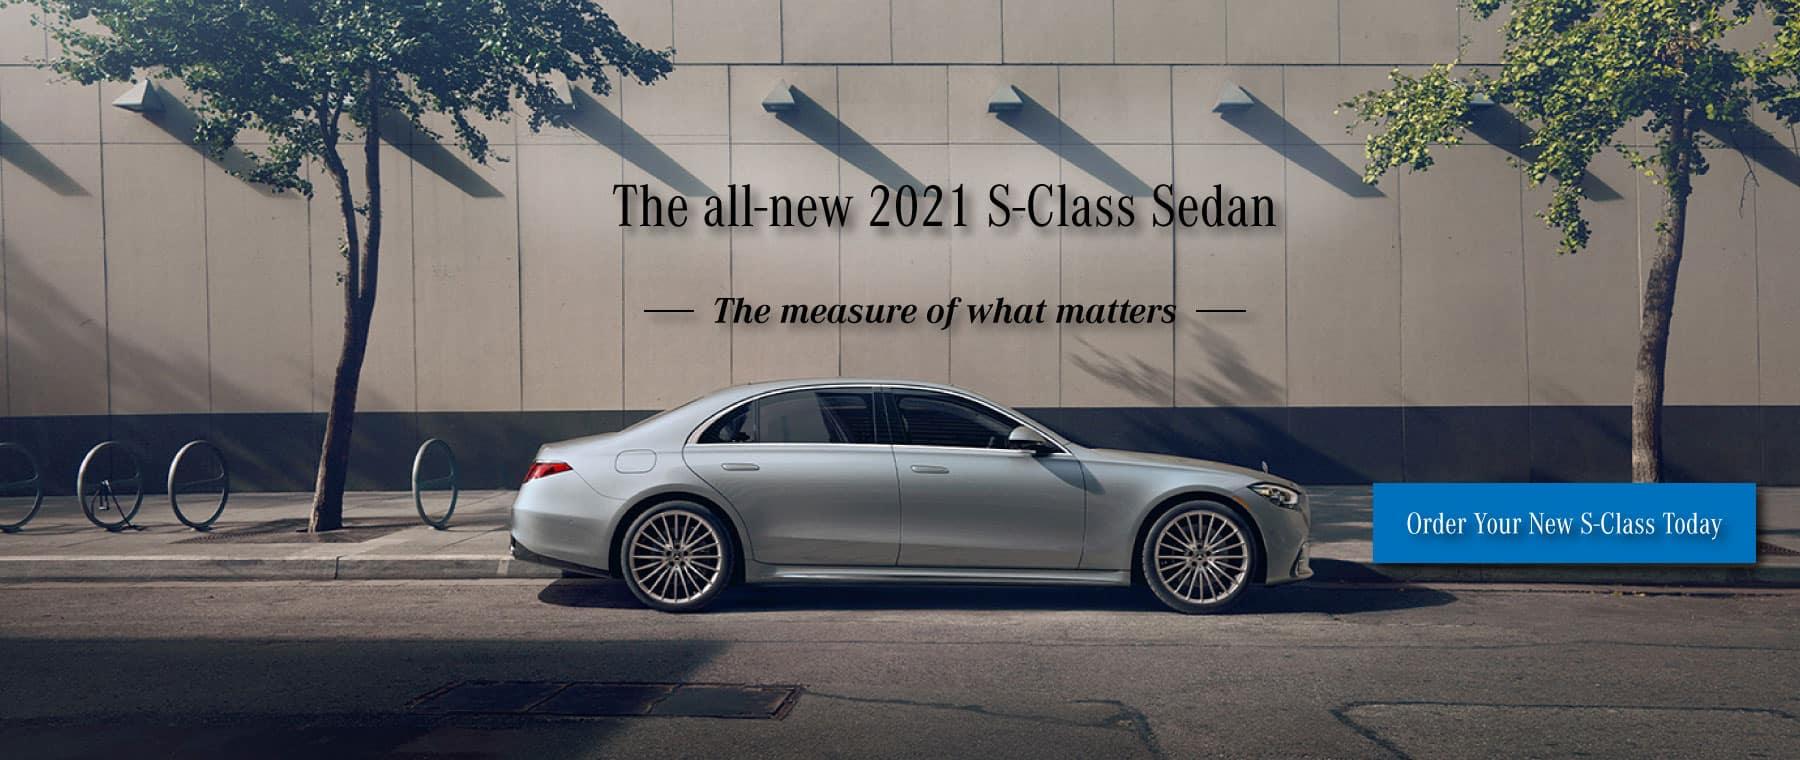 Mercedes-Benz of Fairfield 2021 S-Class Sedan